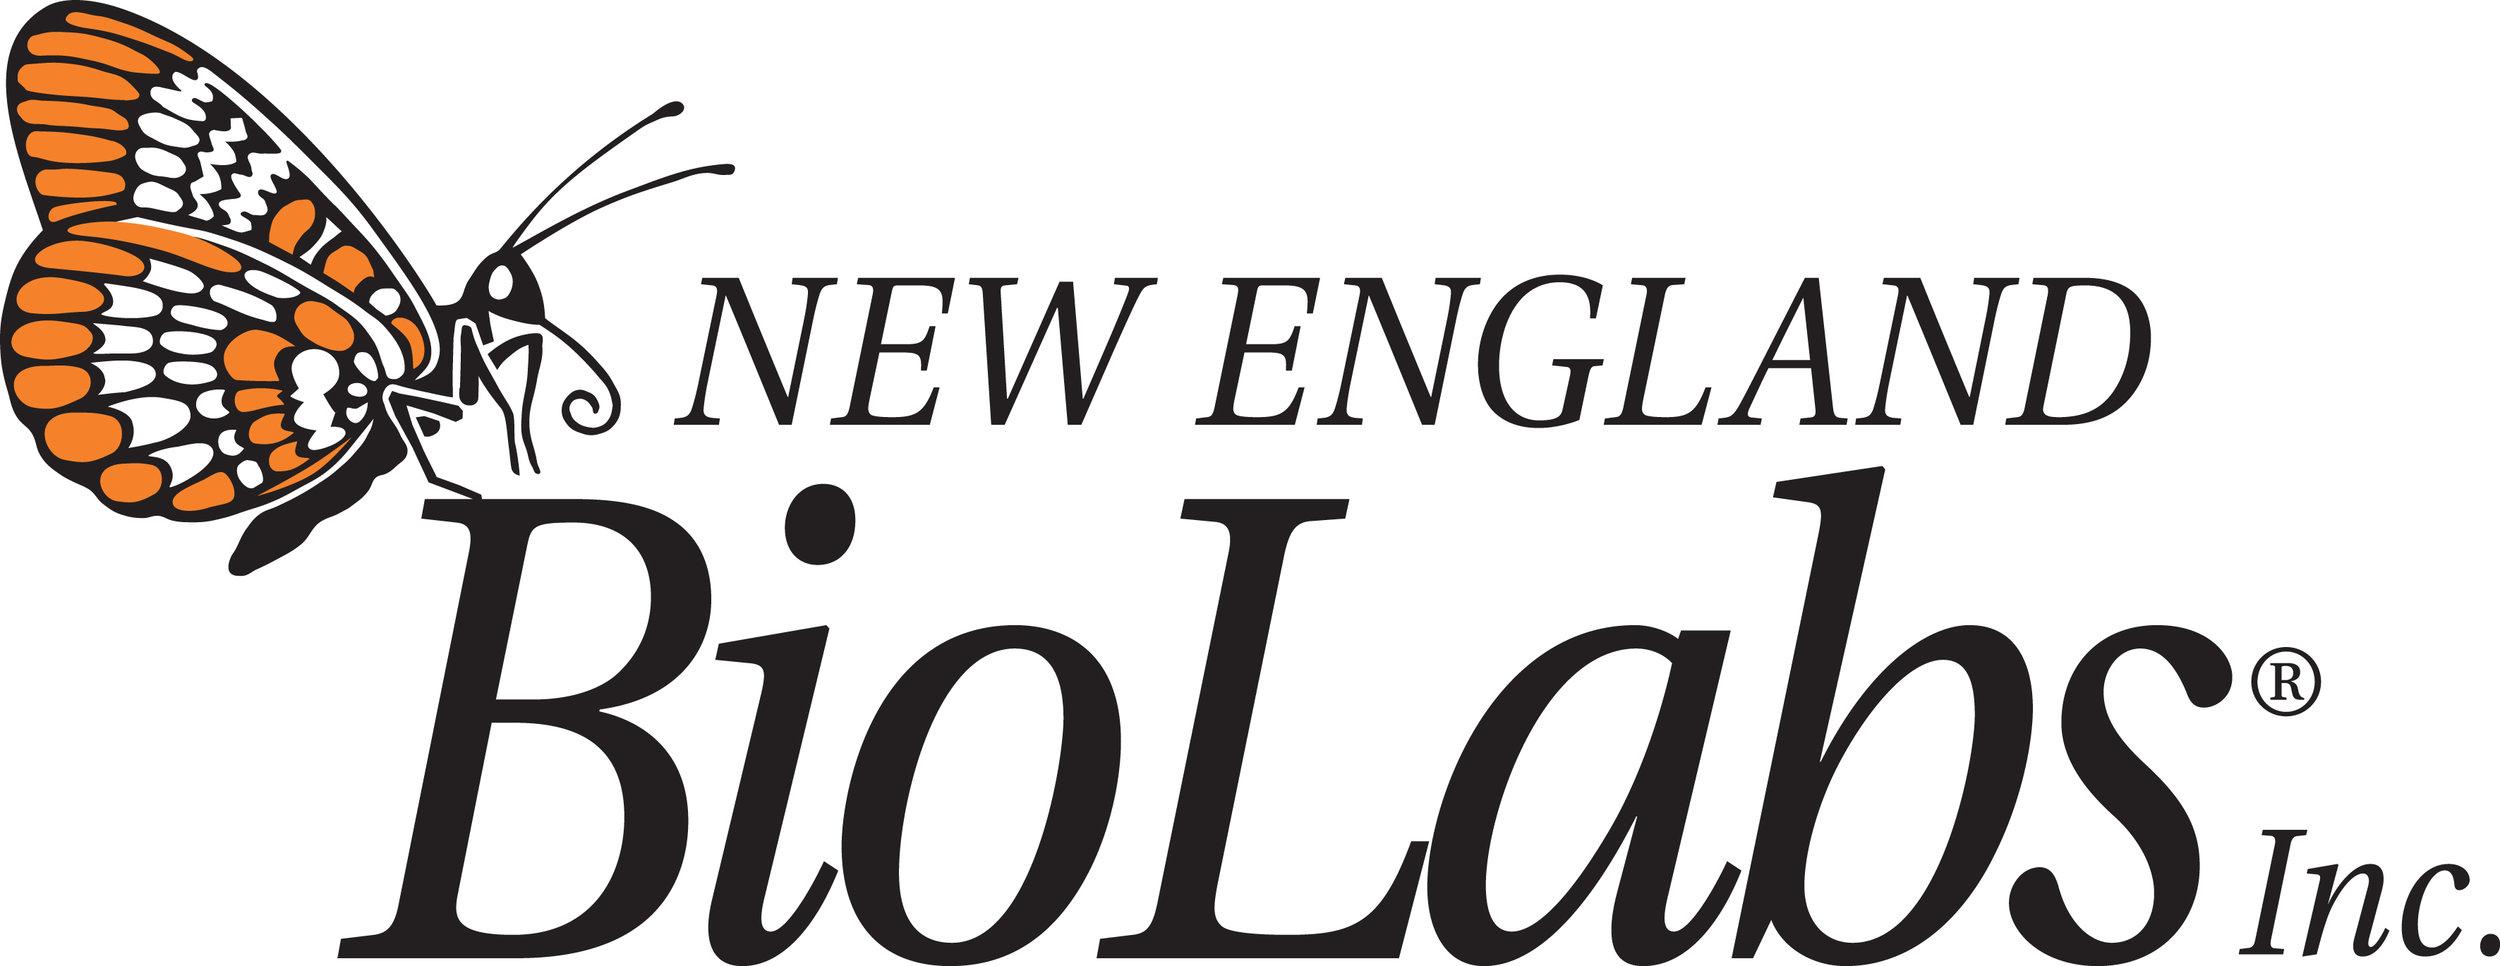 NEB logo - BIOKE.jpg